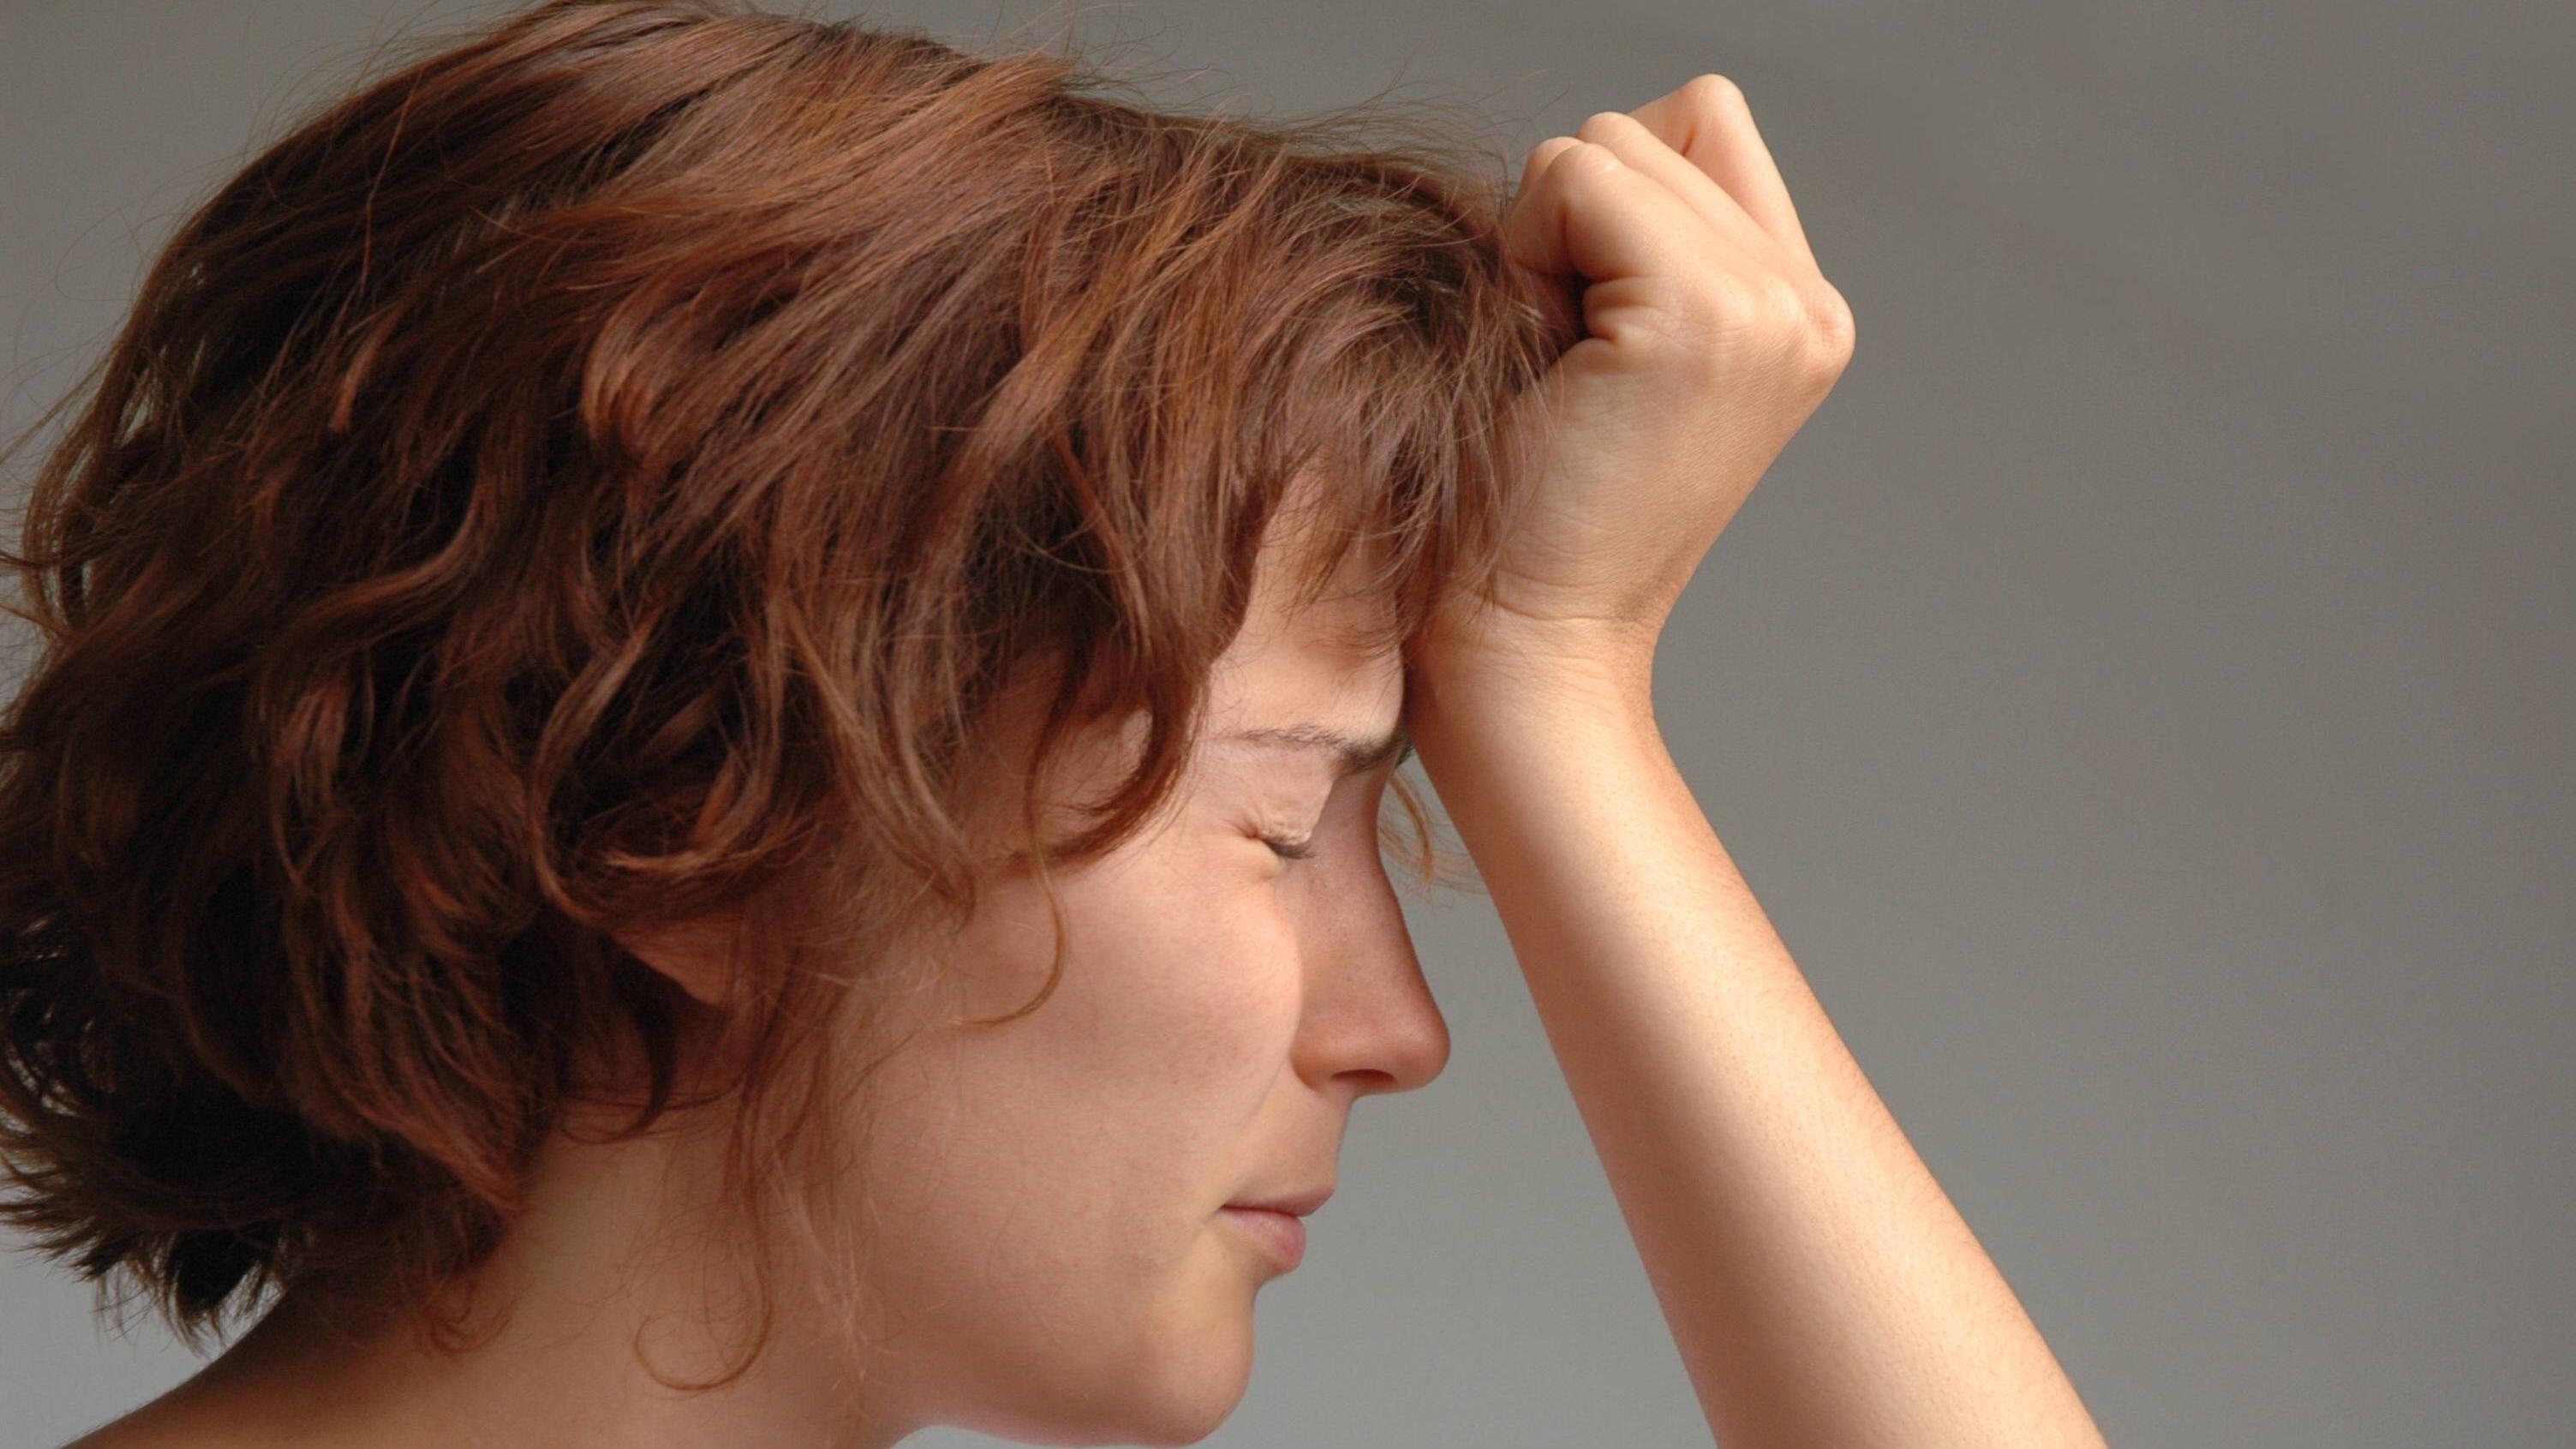 Das klassische Anzeichen für Migräne sind starke Kopfschmerzen.